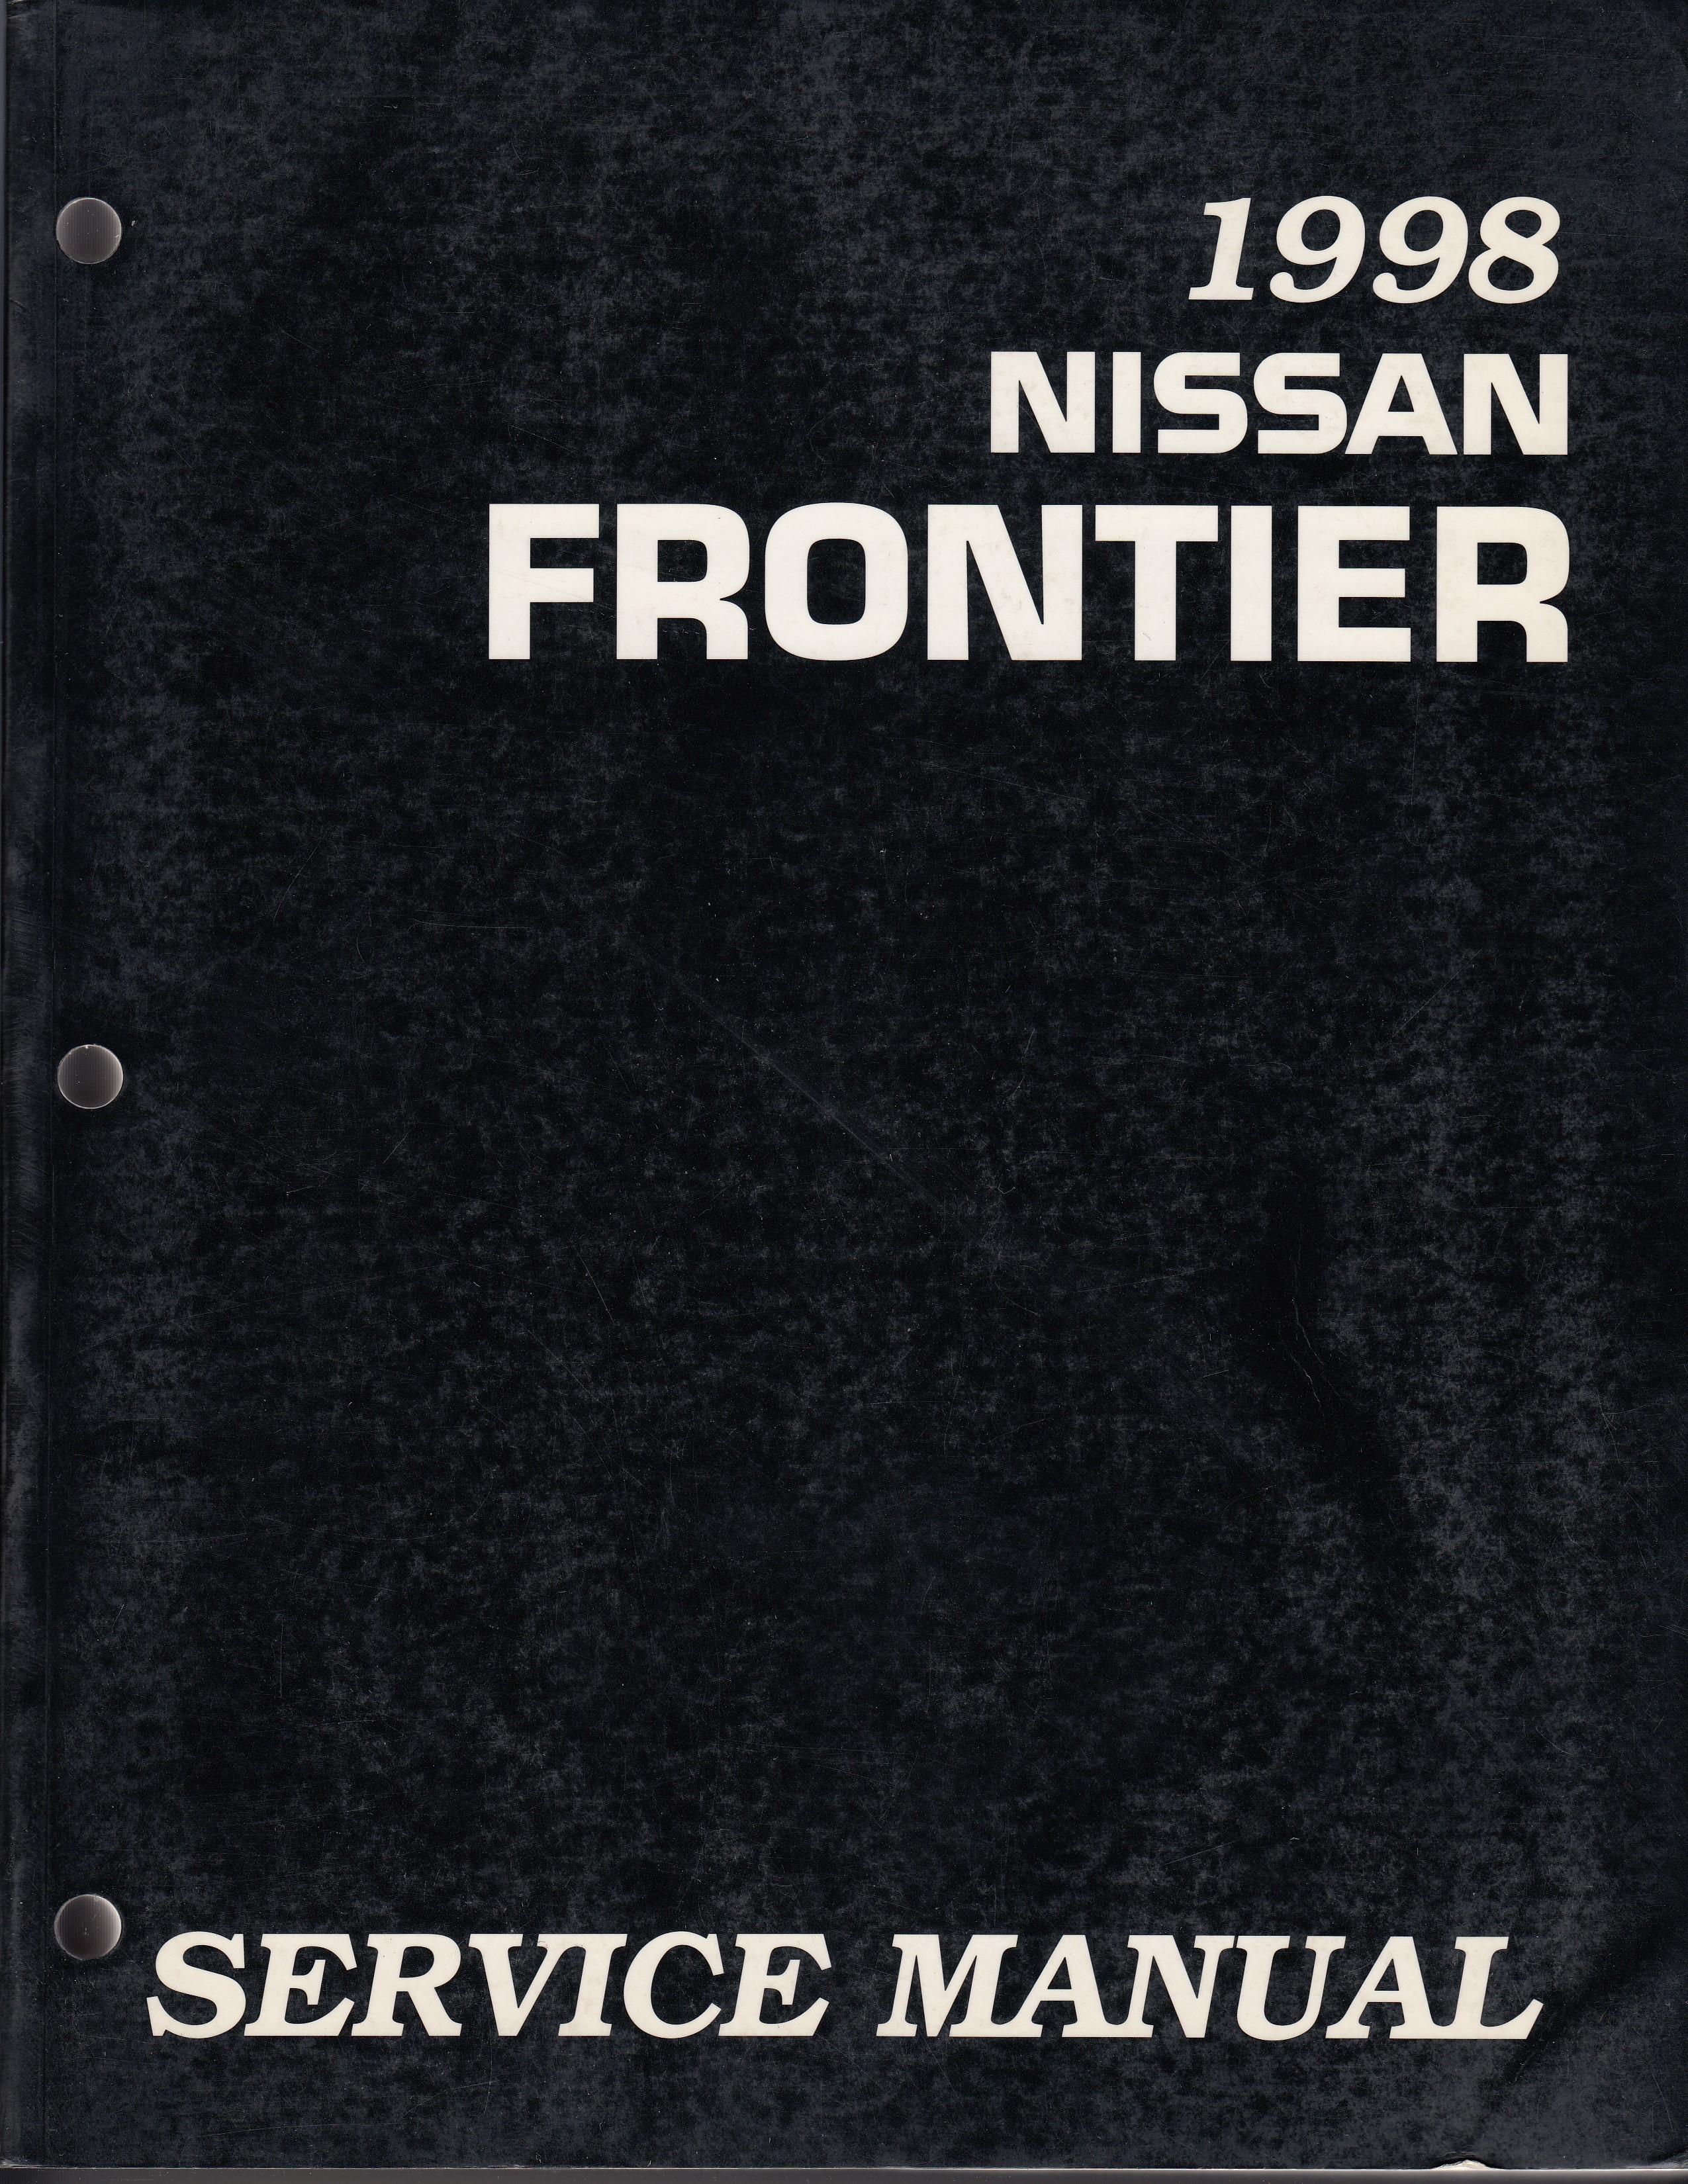 Nissan Frontier (98-00) Werkstatthandbuch von 1998